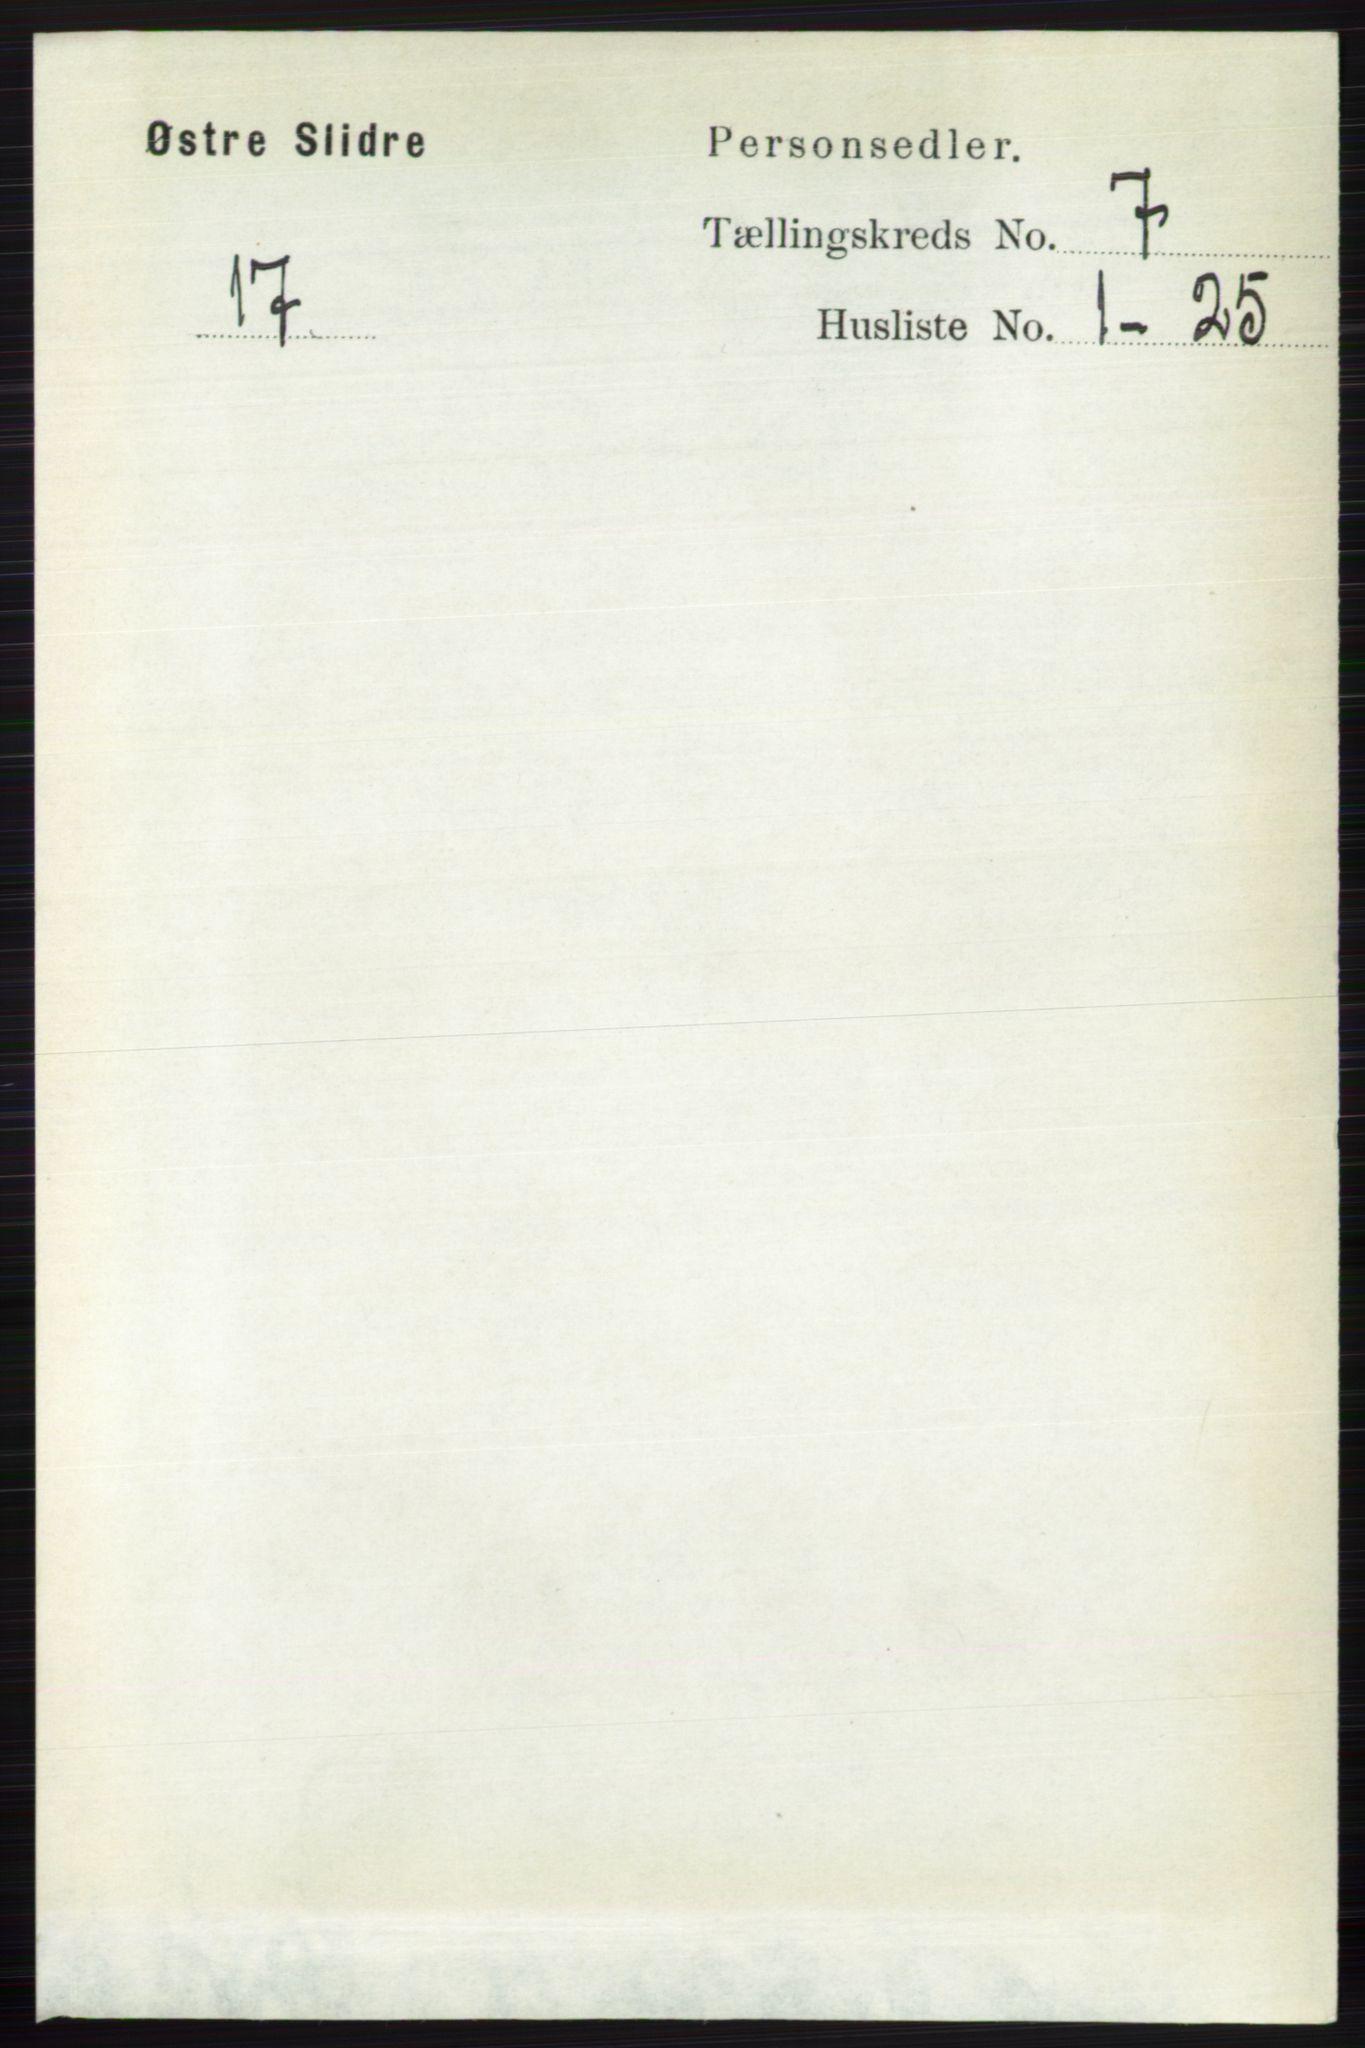 RA, Folketelling 1891 for 0544 Øystre Slidre herred, 1891, s. 2170